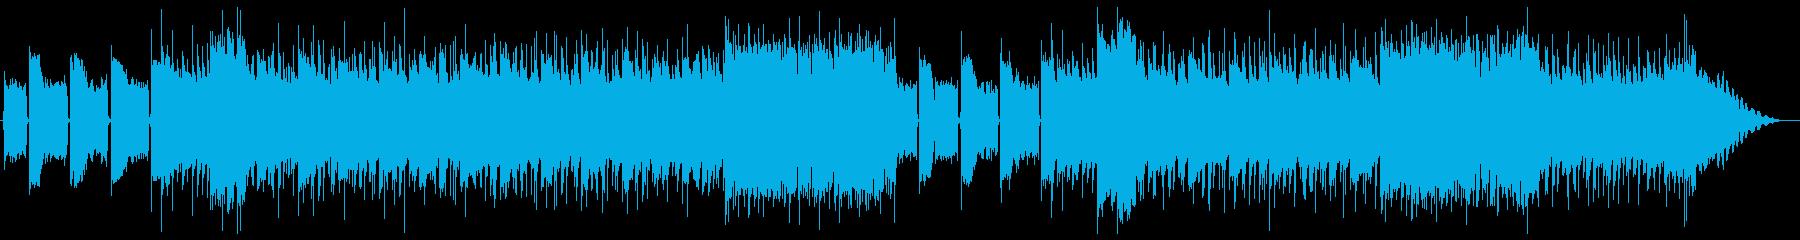 ノリノリなロックンロールの再生済みの波形